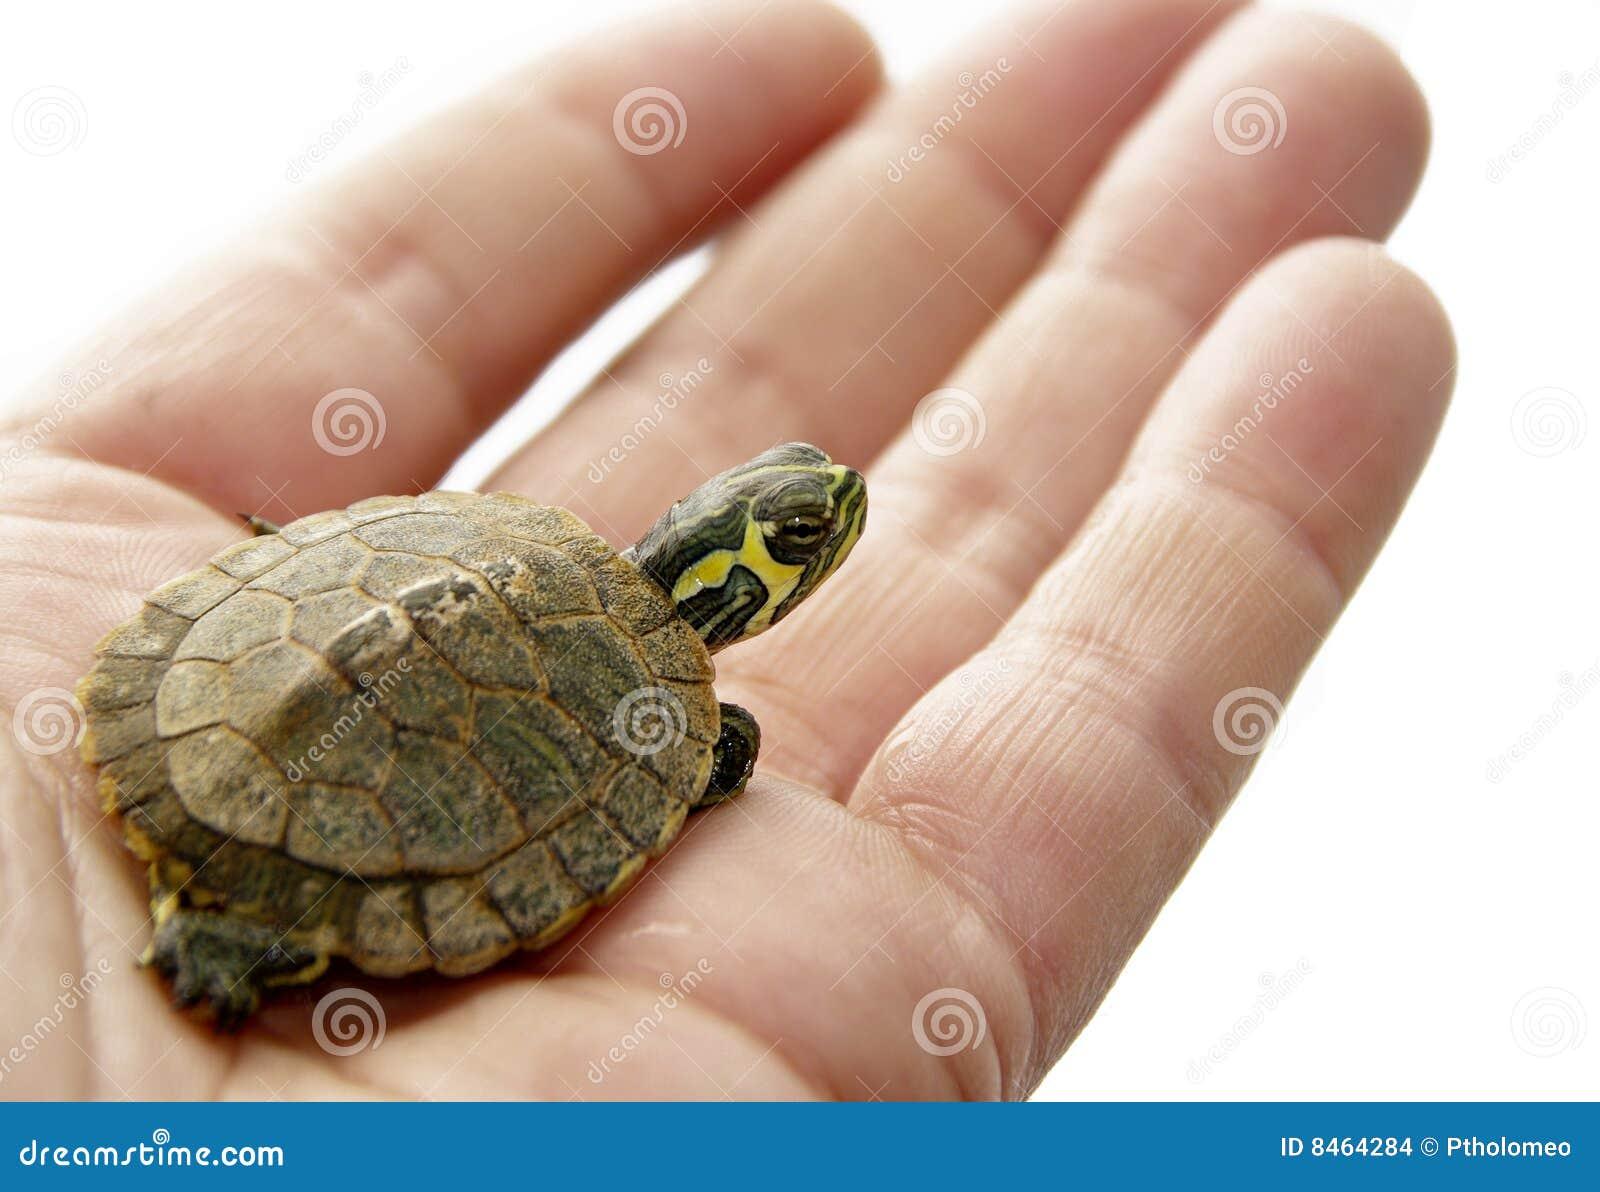 Inhemsk sköldpadda